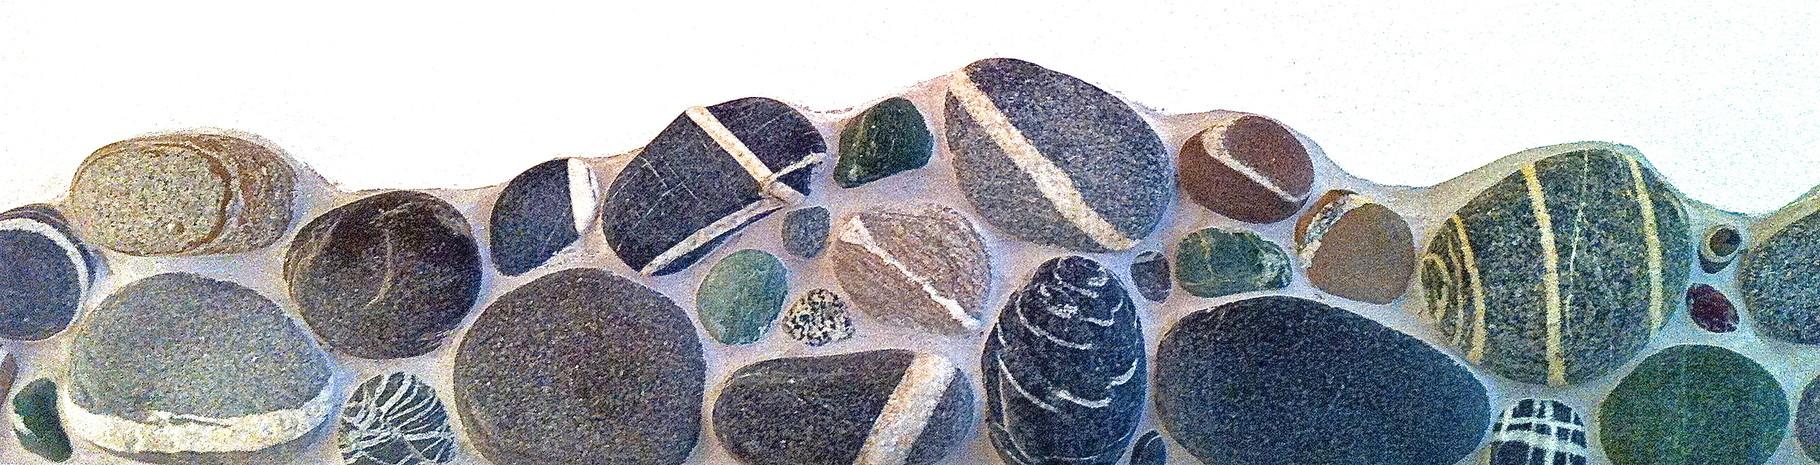 Schöne Steine schmücken das Bad.